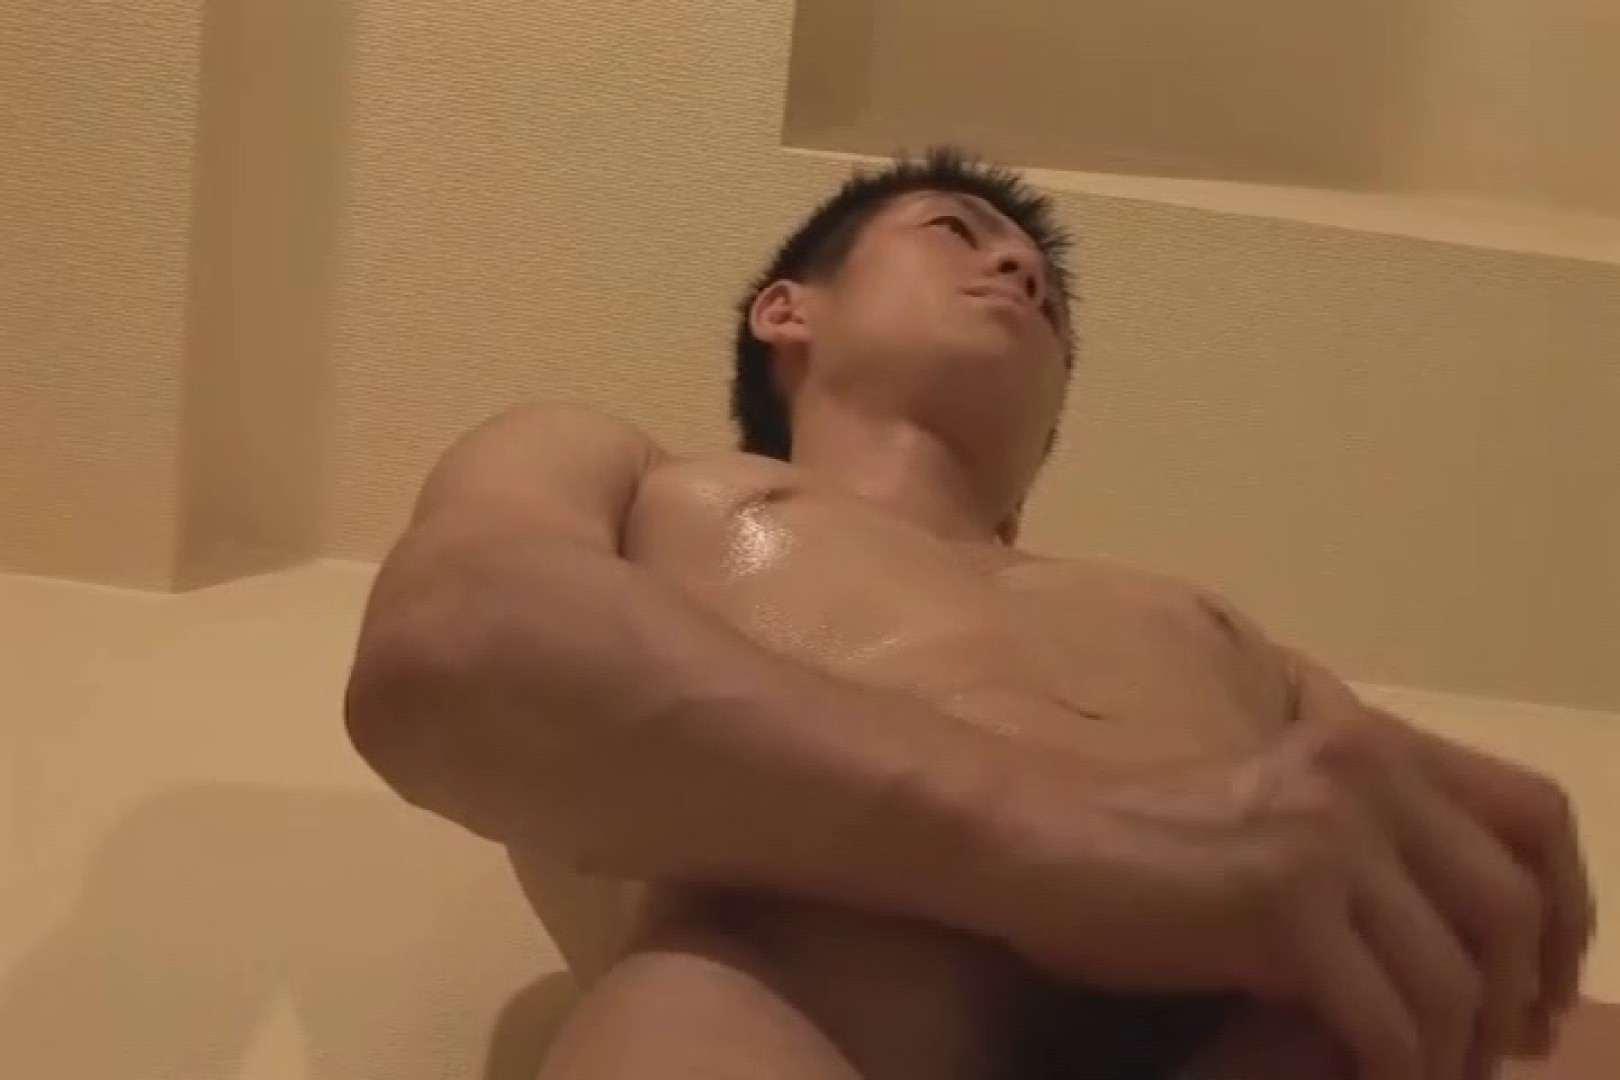 暴れん棒!!雄穴を狙え!! vol.04 自慰シーン ゲイセックス画像 112枚 85